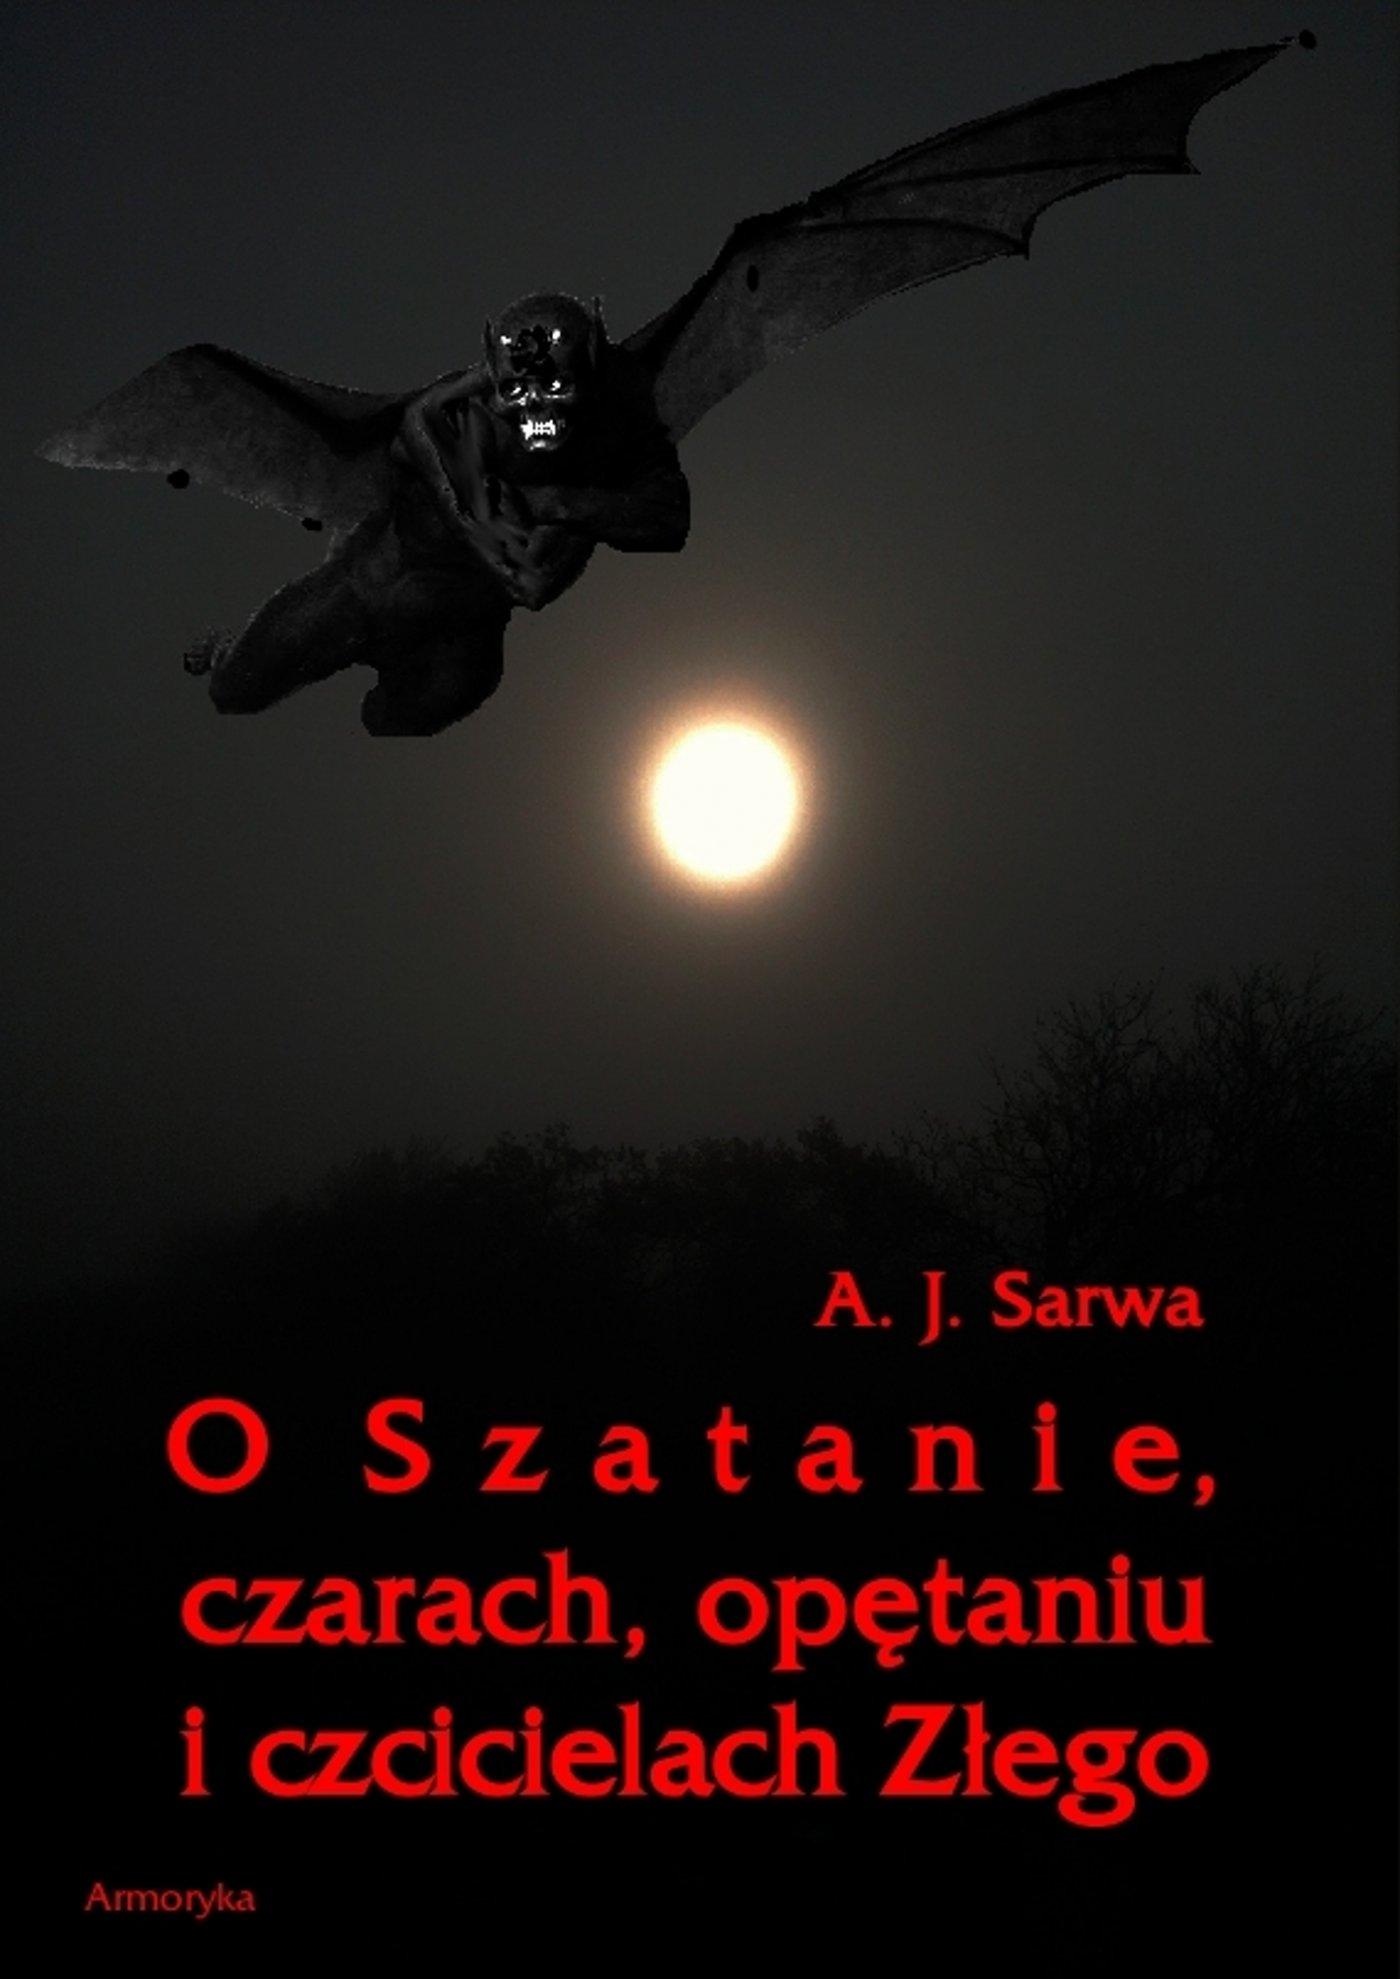 O Szatanie, czarach, opętaniu i czcicielach Złego - Ebook (Książka EPUB) do pobrania w formacie EPUB